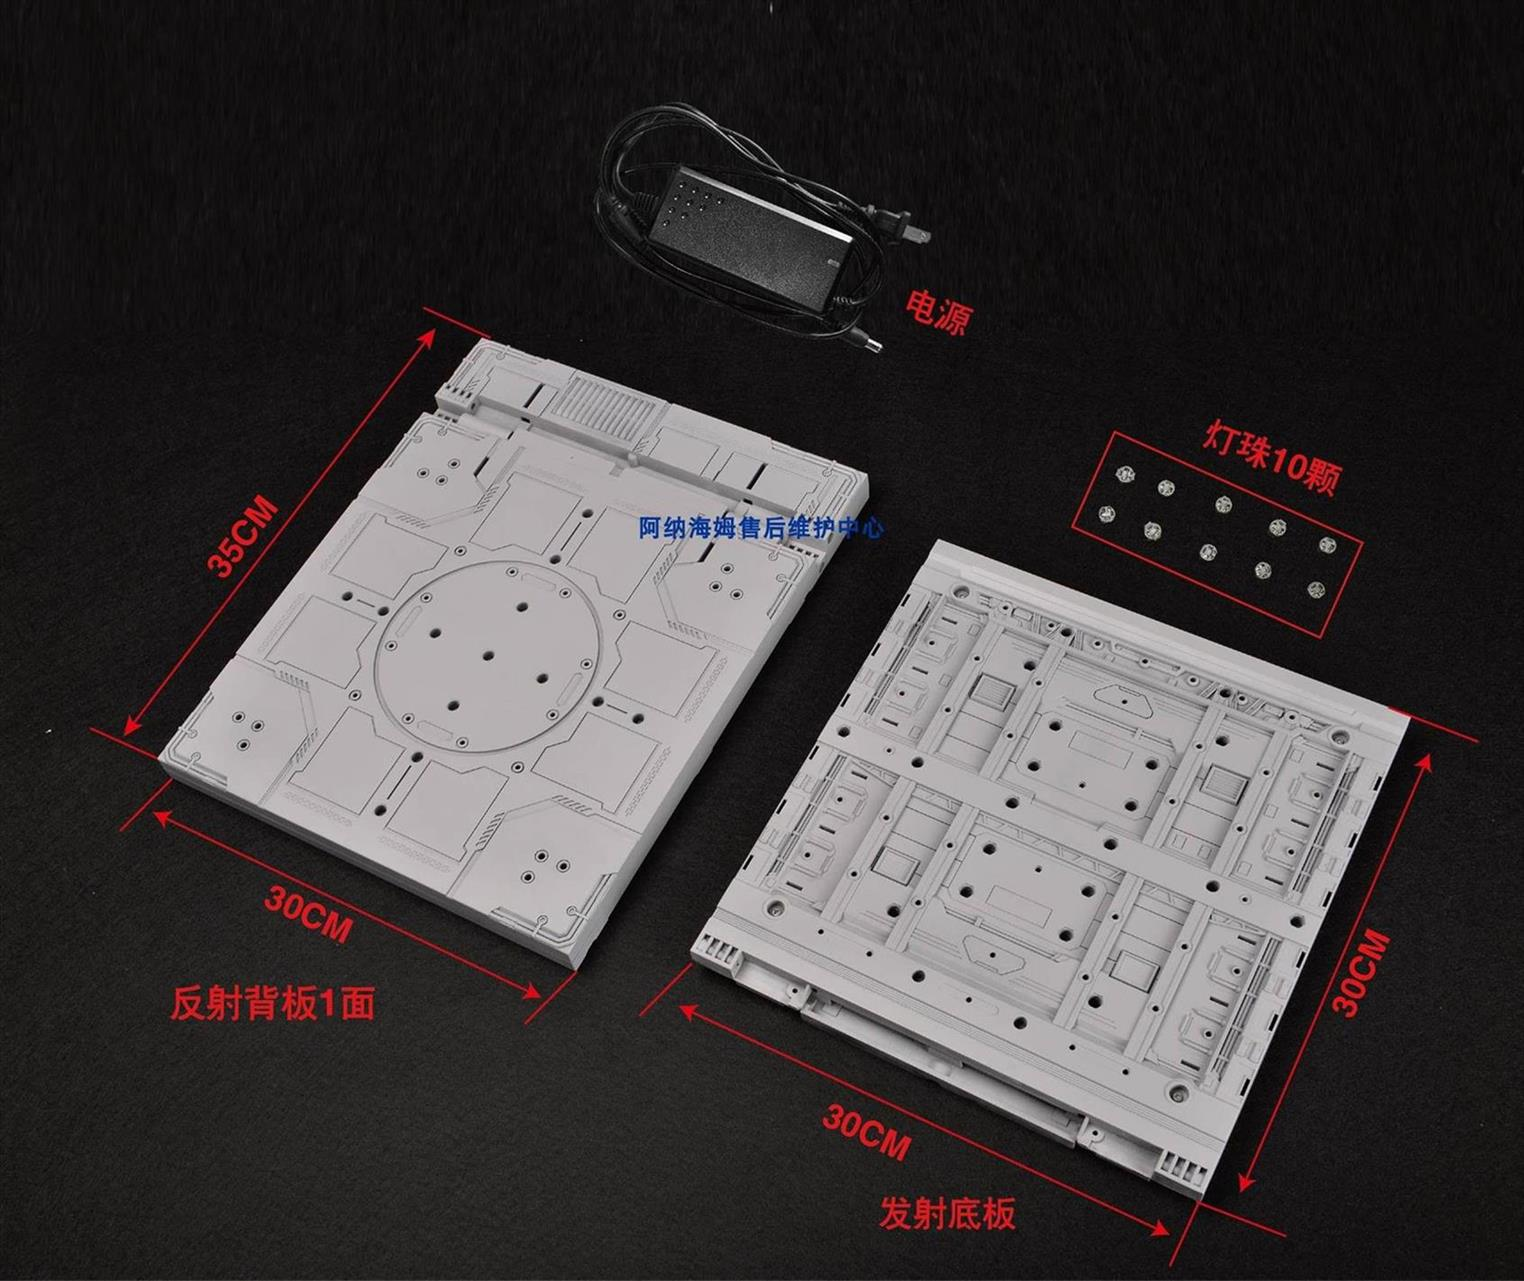 百川模型 无线感应发光led灯组 懒人加灯 多功能地台 高达格纳库